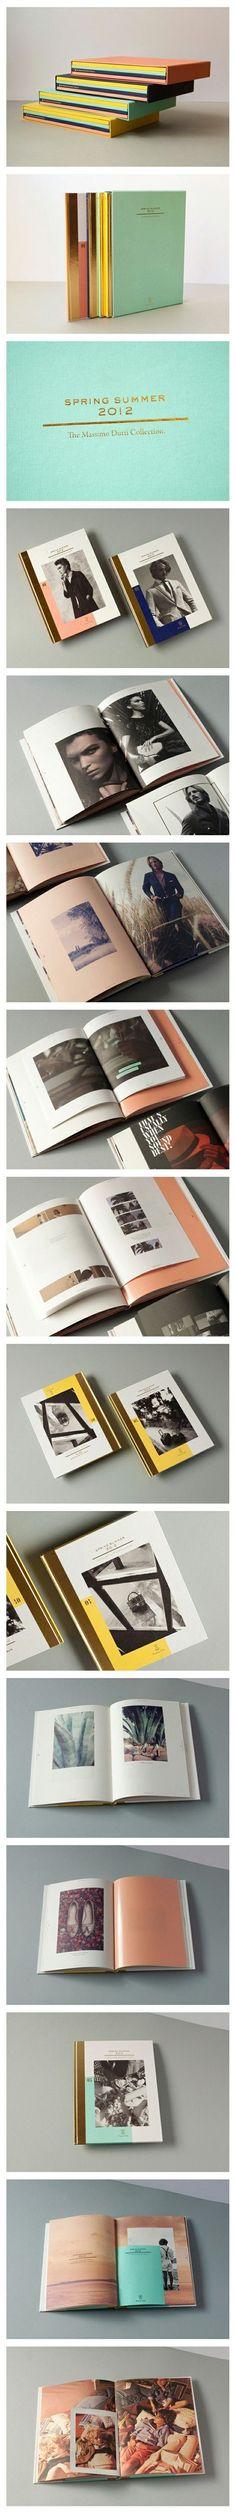 http://www.behance.net/gallery/Massimo-Dutti-SS-012-Catalogue/6919775: